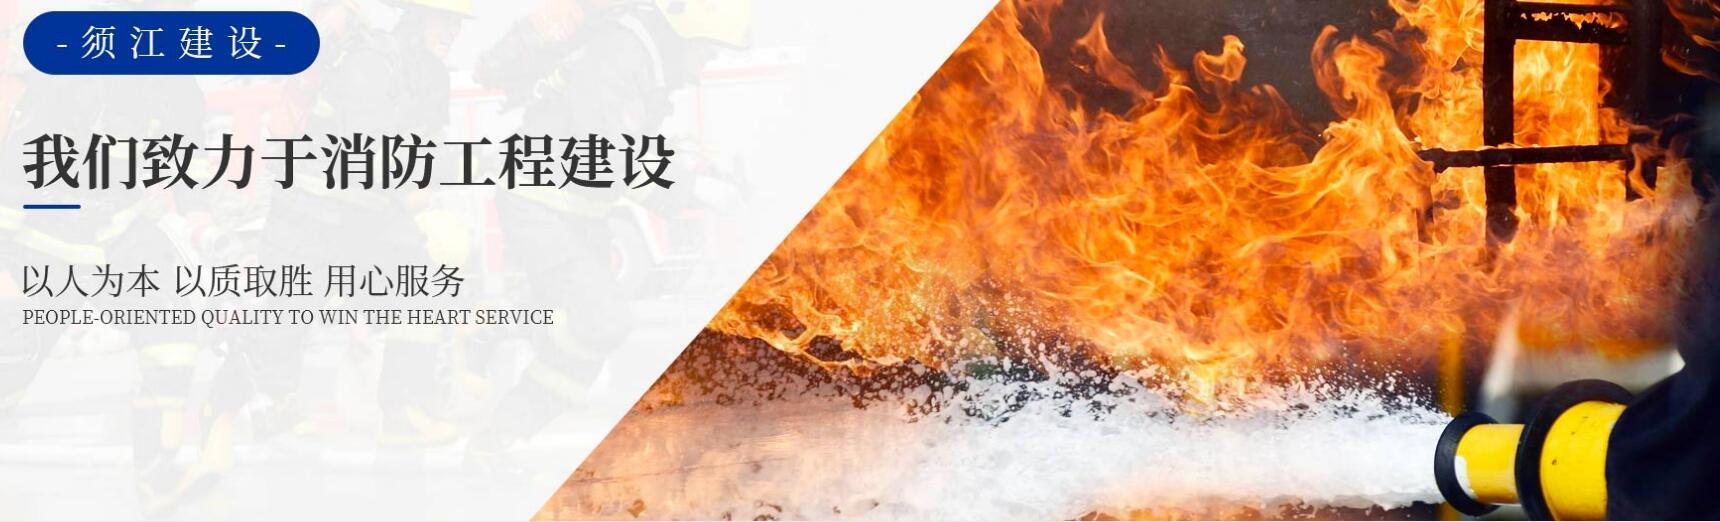 四川BG大游APP建设工程有限公司